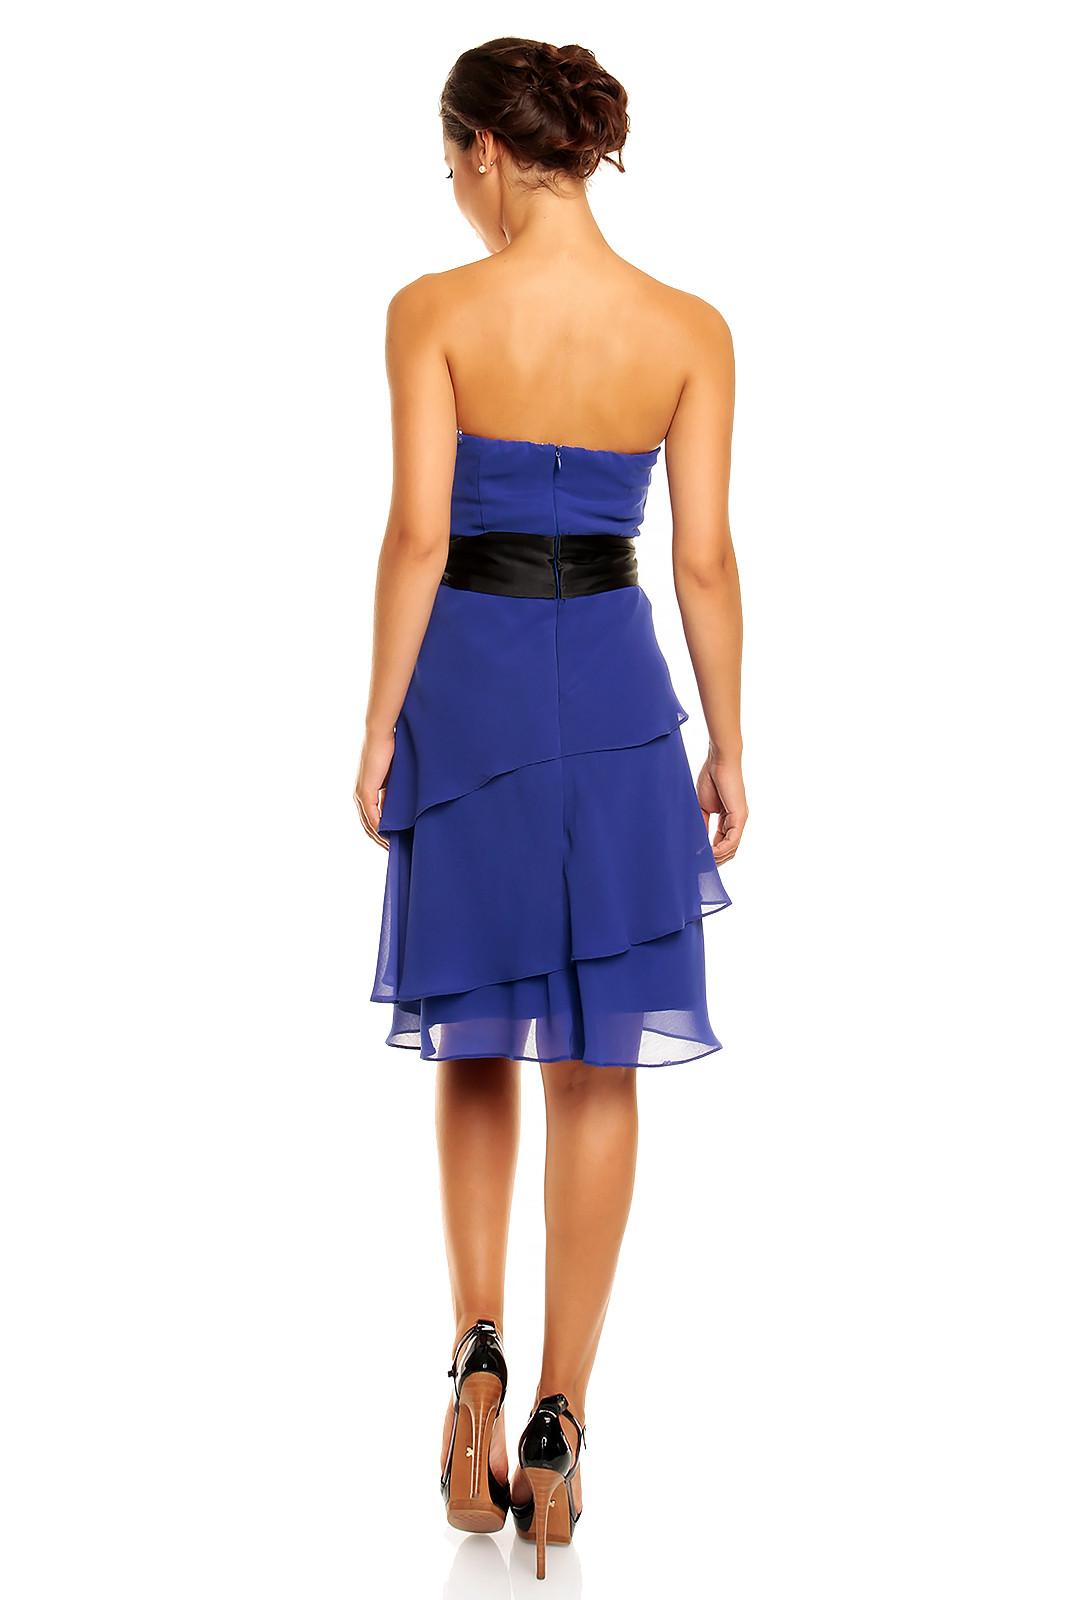 Společenské šaty MAYAADI - HS-345_BL- s mašlí a sukní s volány - Modré S